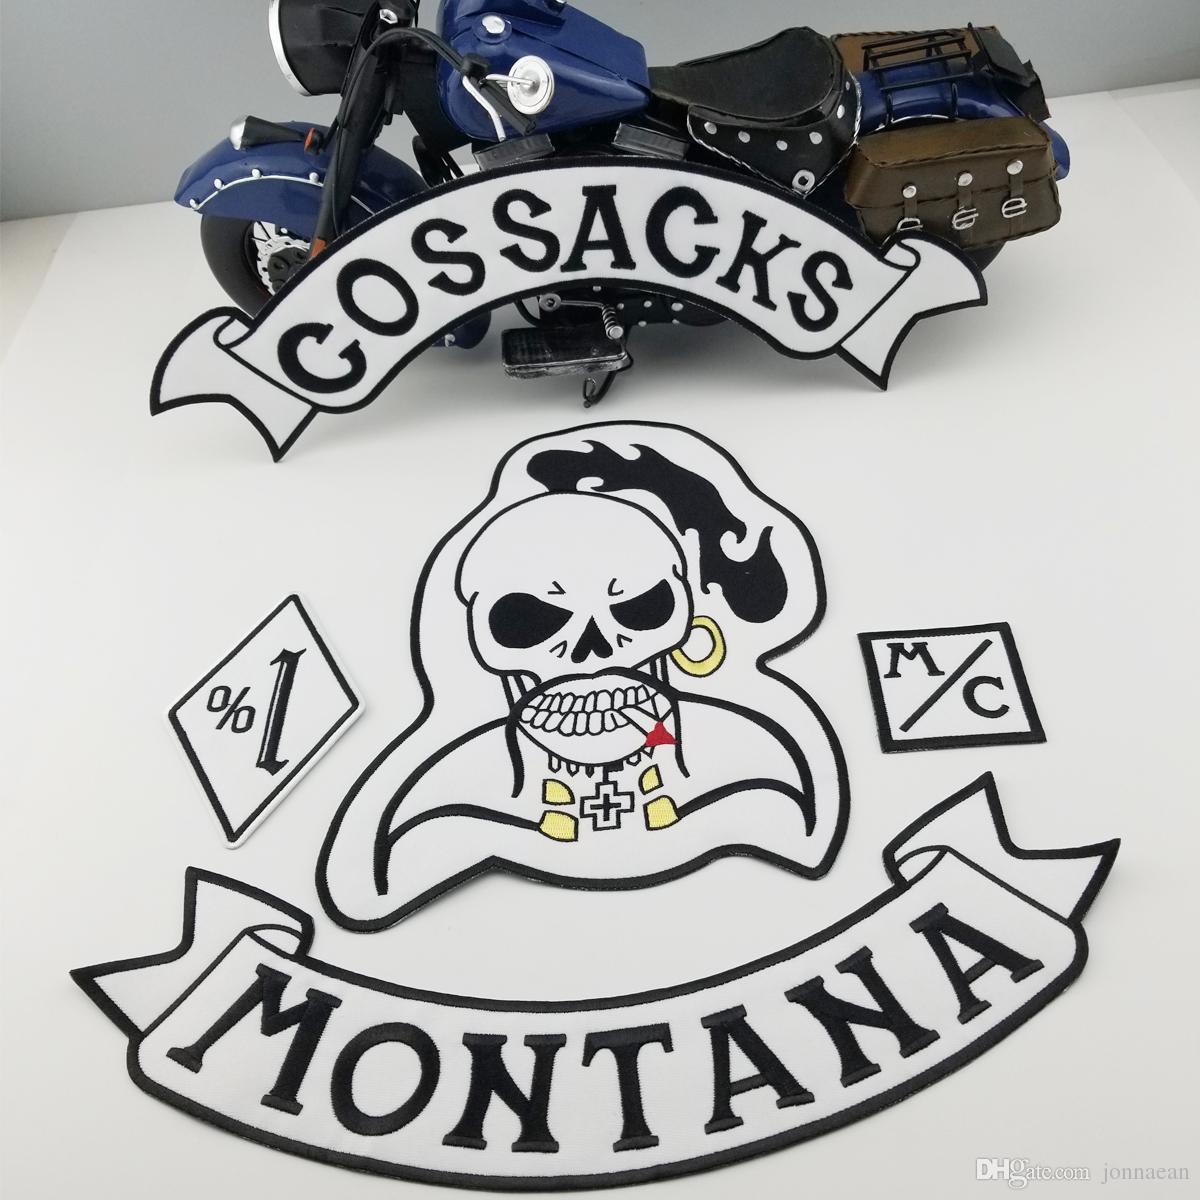 VENTA CALIENTE COSSACKS MONTANA SKULL MOTOCICLETA CLUB CHALECO OUTLAW BIKER MC CHAQUETA PUNK PARCHE DE ESPALDA GRANDE HIERRO MÁS COOLEST EN WEST PATCH ENVÍO GRATIS